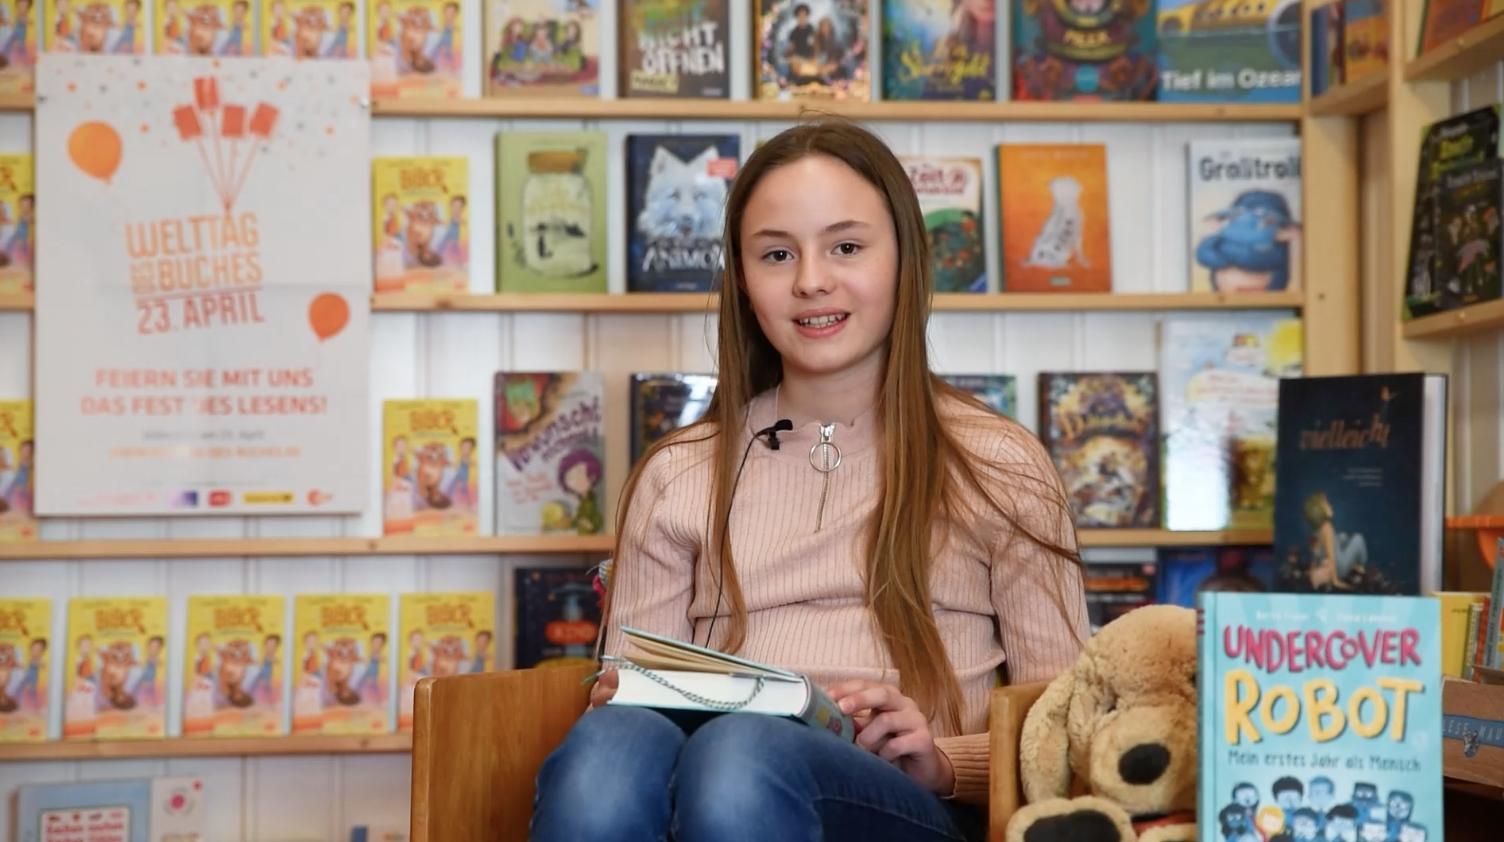 Viktoria Lex (6d) liest anlässlich des Welttags des Buches